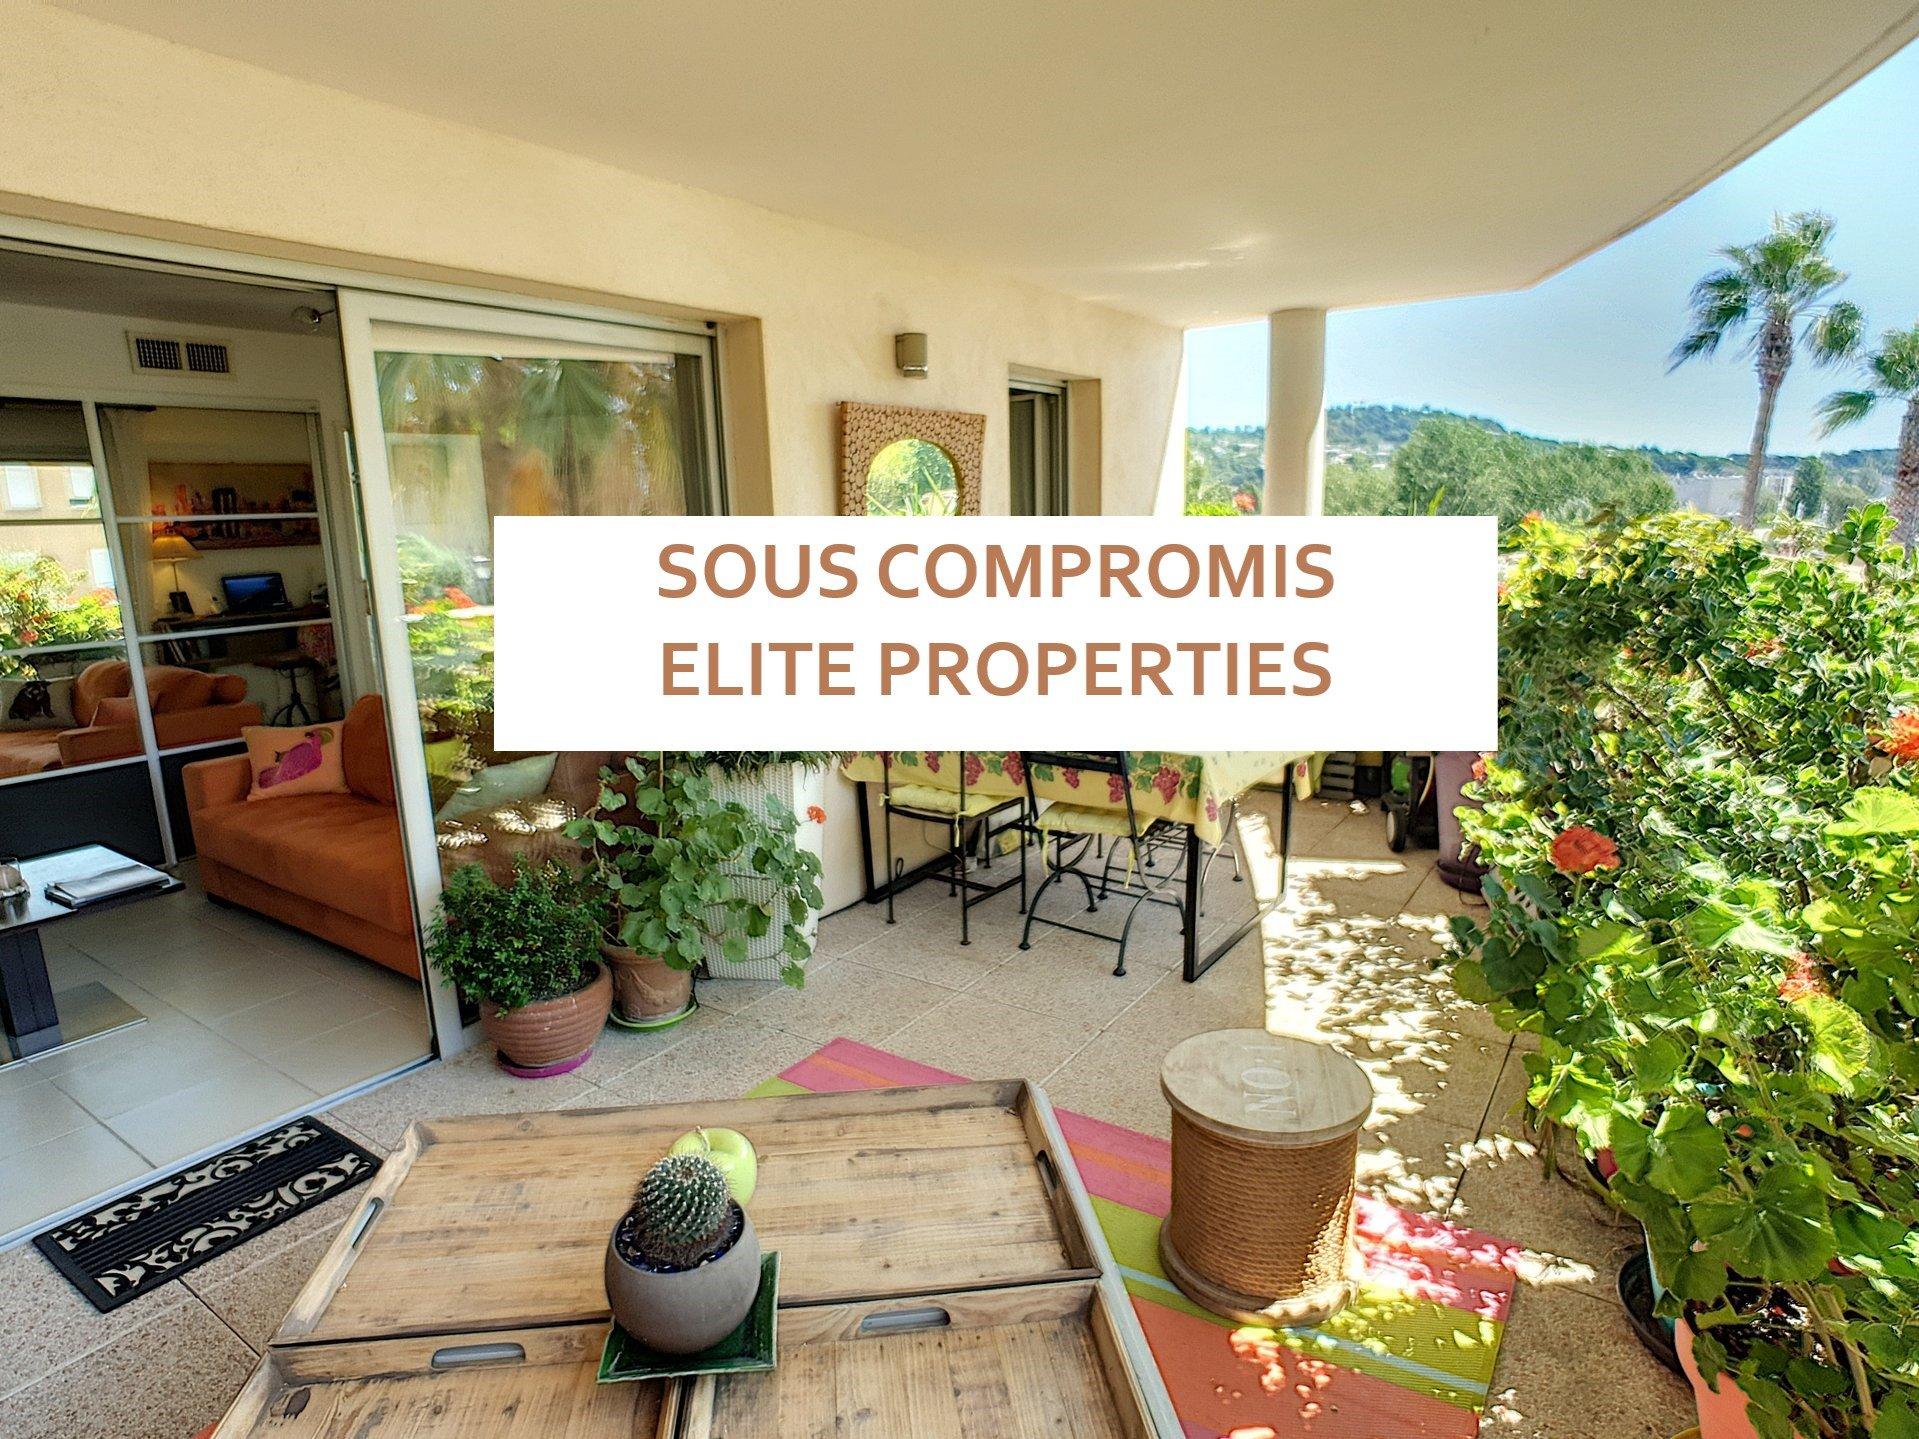 Achat/vente Appartement 2P+ 20m2 Terrasse avec garage à Cannes- la- bocca